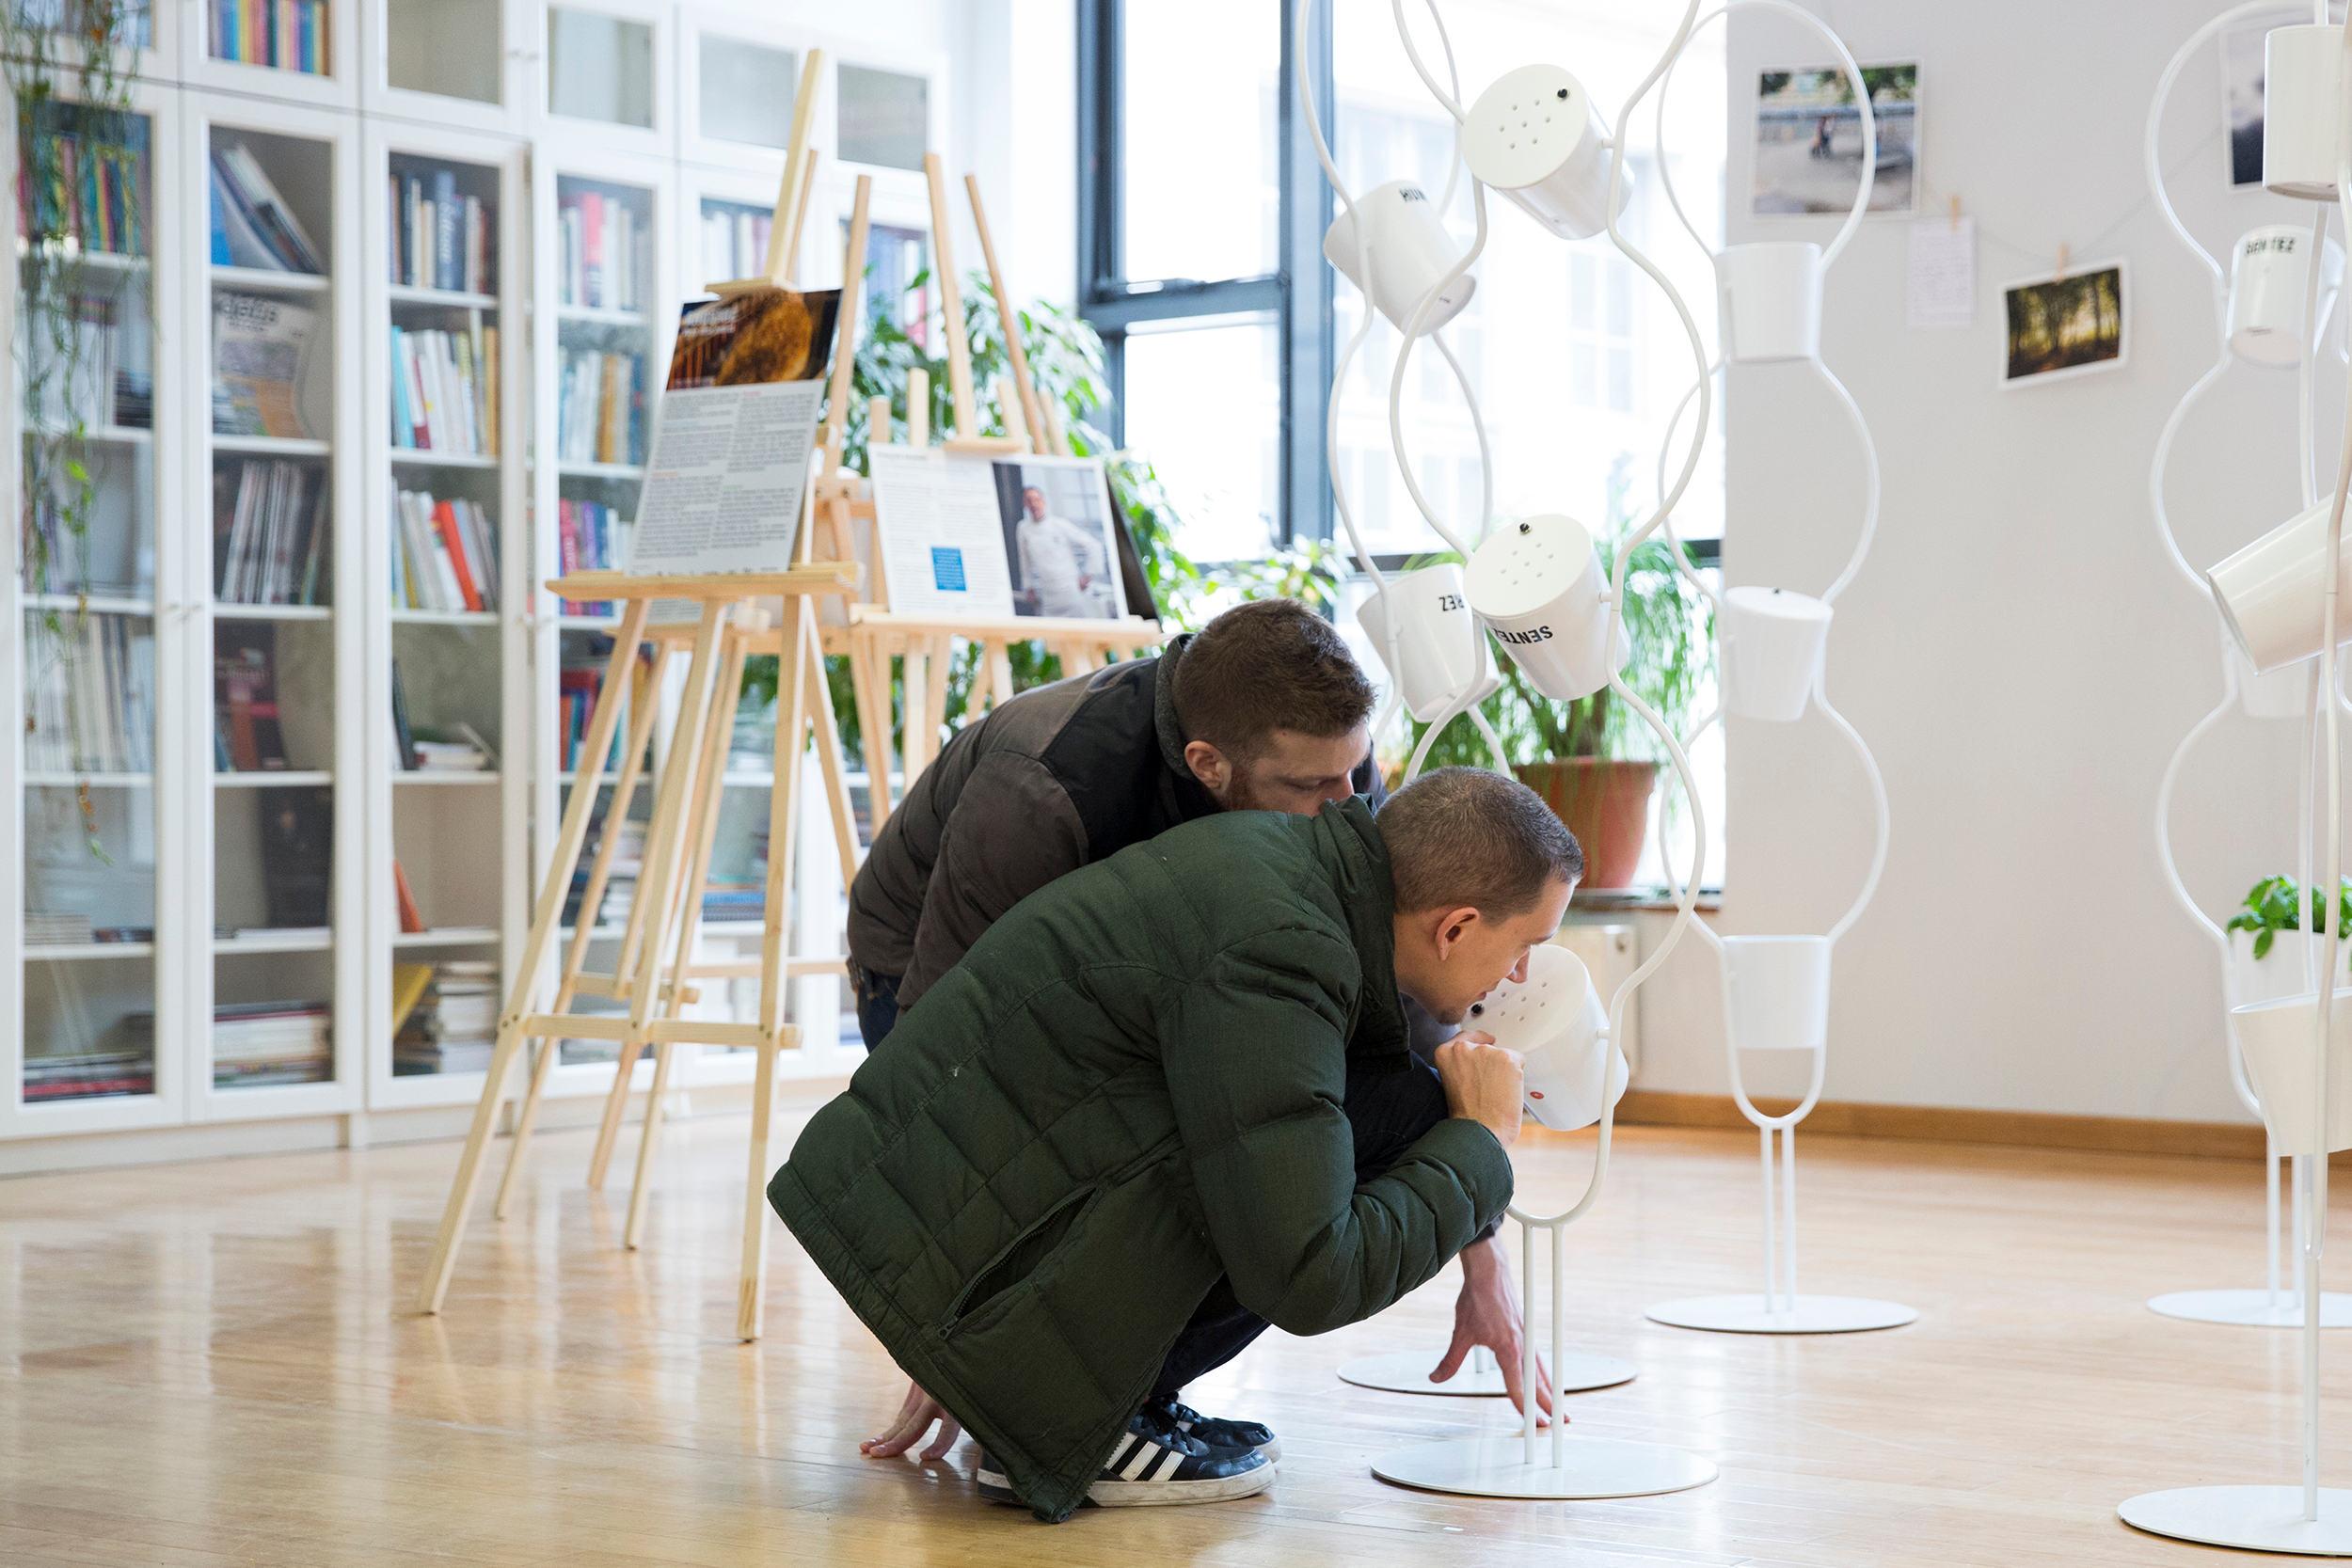 Vue de l'exposition «Anosmie, vivre sans odorat» à l'Espace Pierre-Gilles de Gennes à Paris, Eléonore de Bonneval, 2015